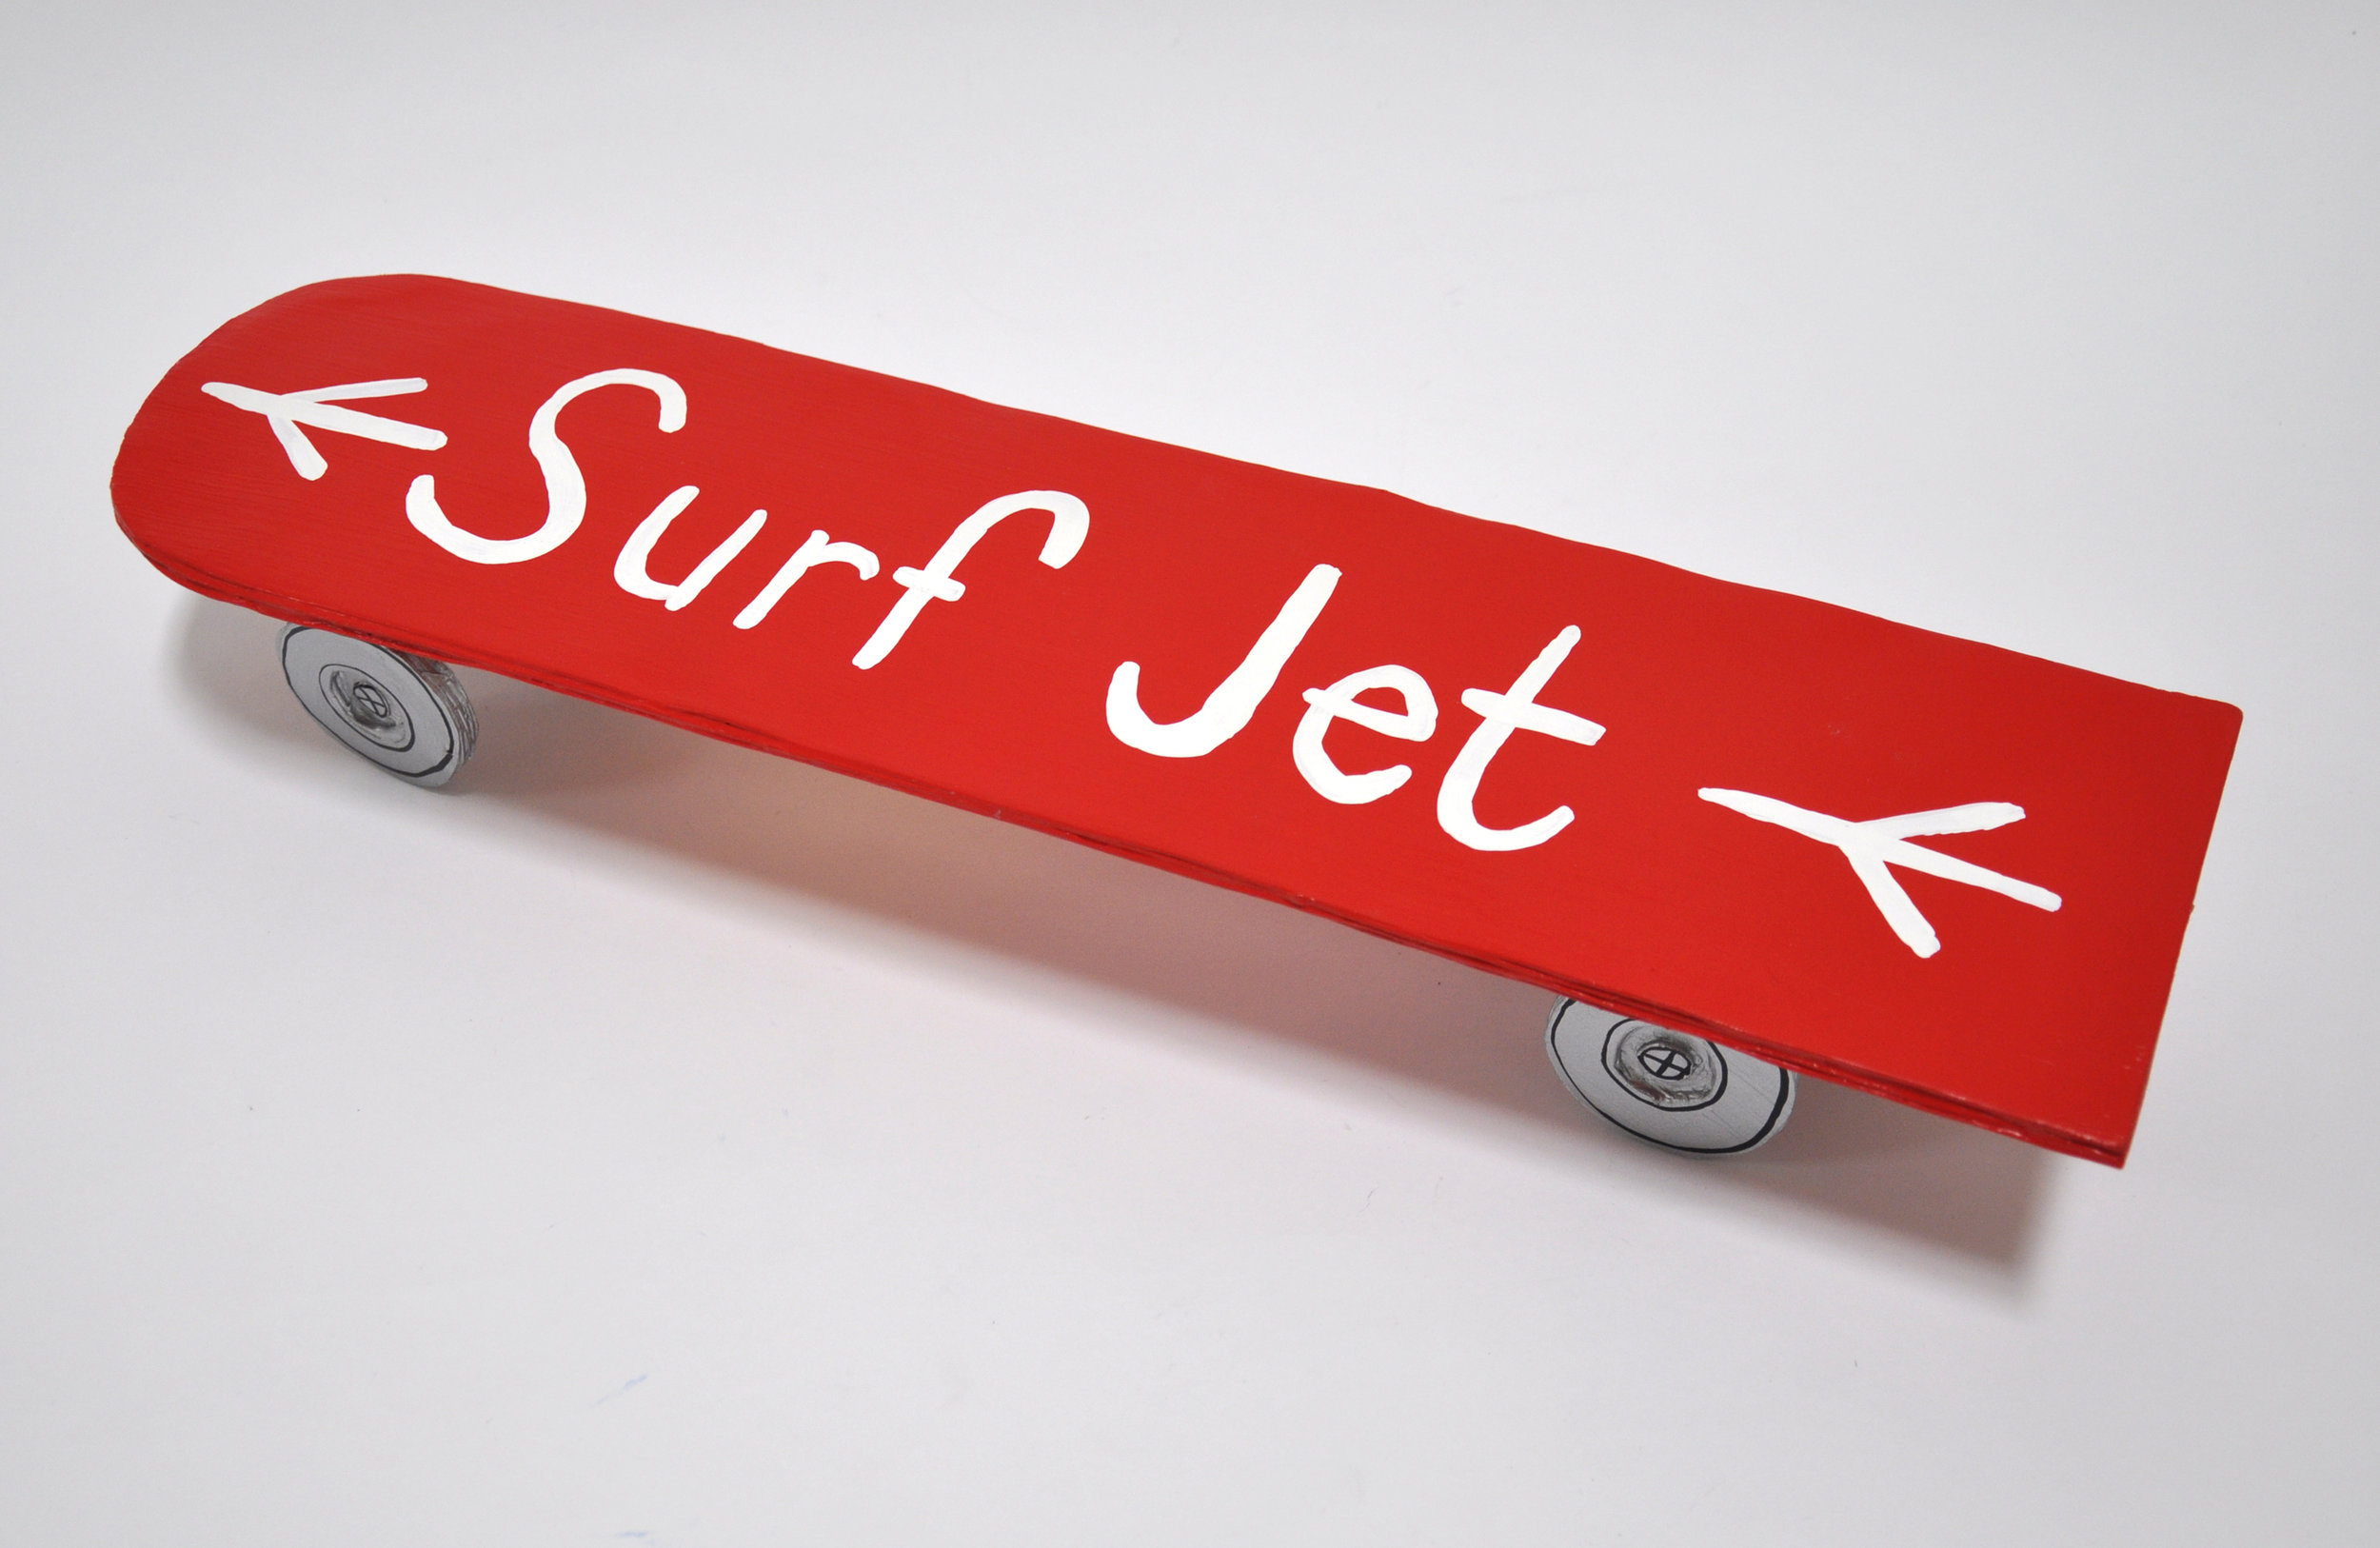 """Libby Black, """"Surf Jet"""", paper, glue, acrylic paint, 2018"""